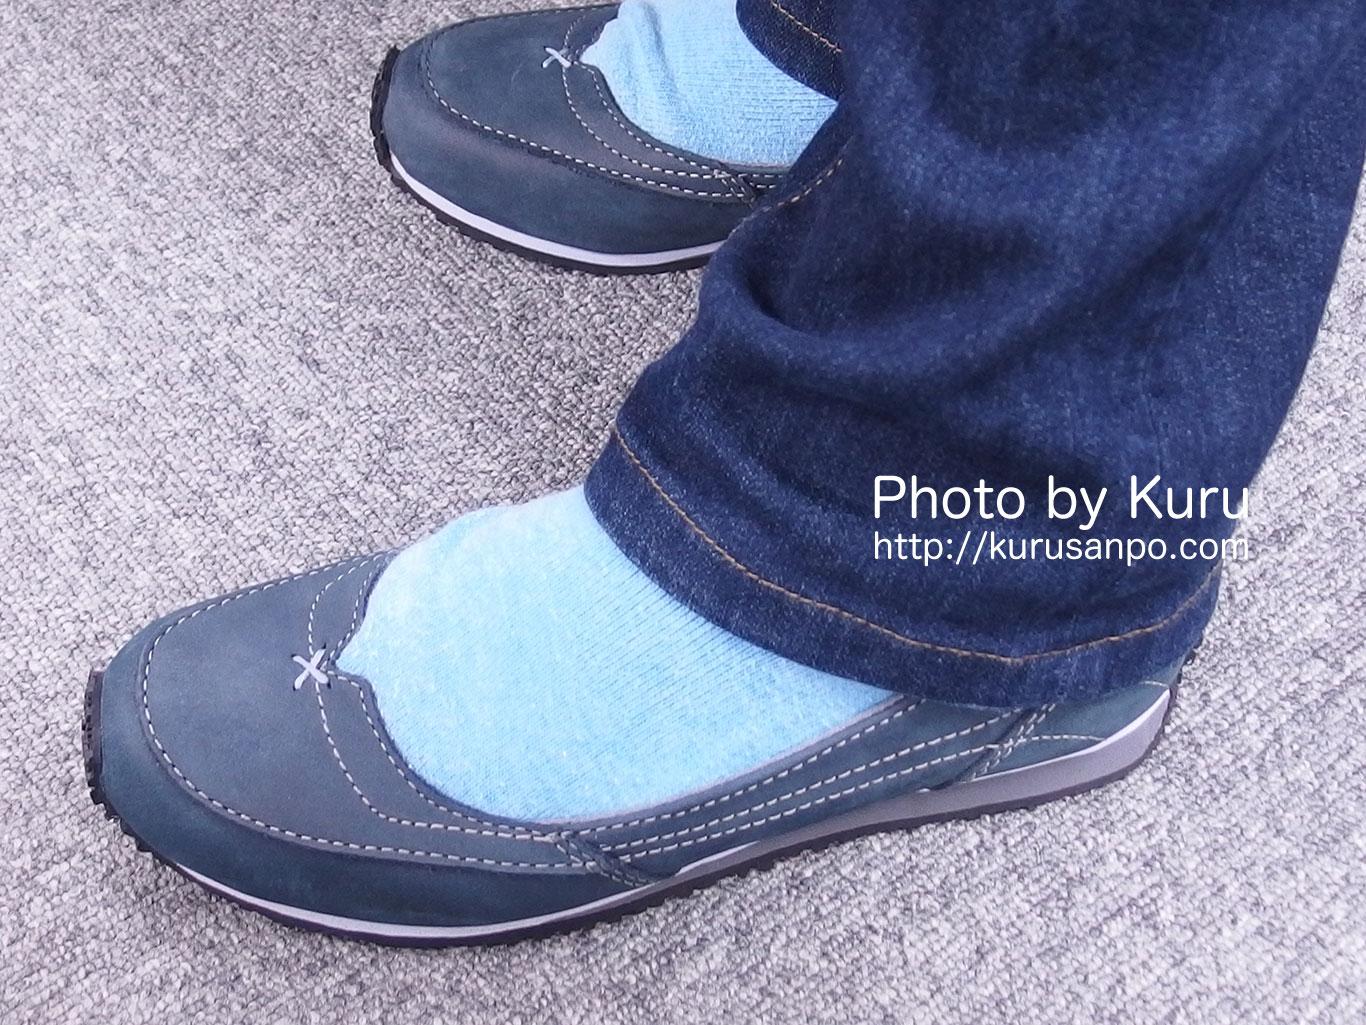 エディー・バウアーの『靴』歩きやすい高機能シューズ揃ってます♪